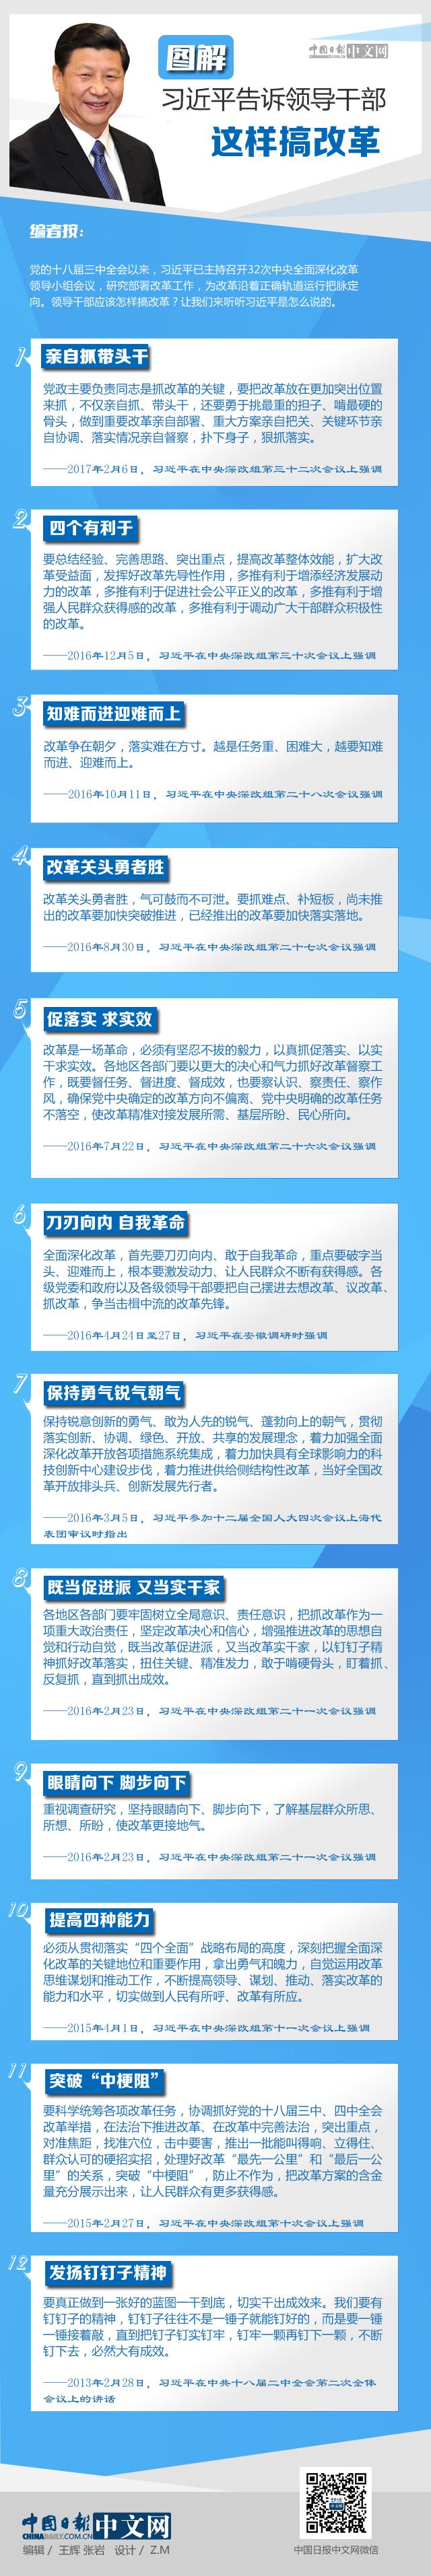 南京地铁不提倡右立左行 专家:发达国家正摒弃